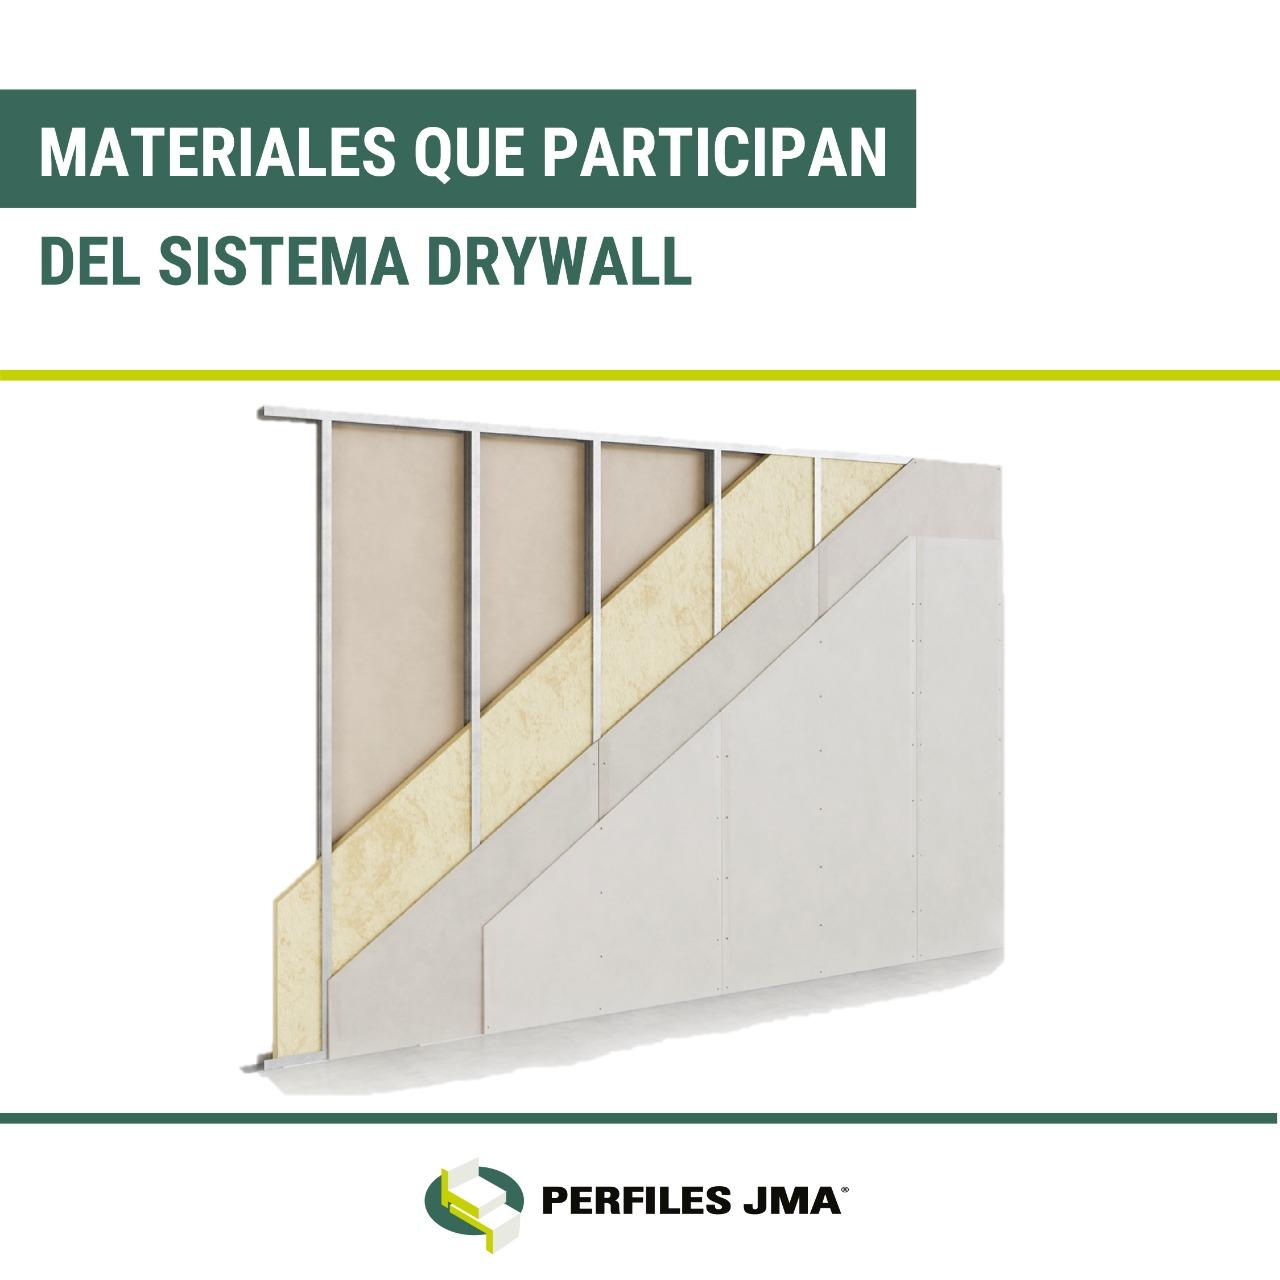 MATERIALES QUE PARTICIPAN DEL SISTEMA DRYWALL